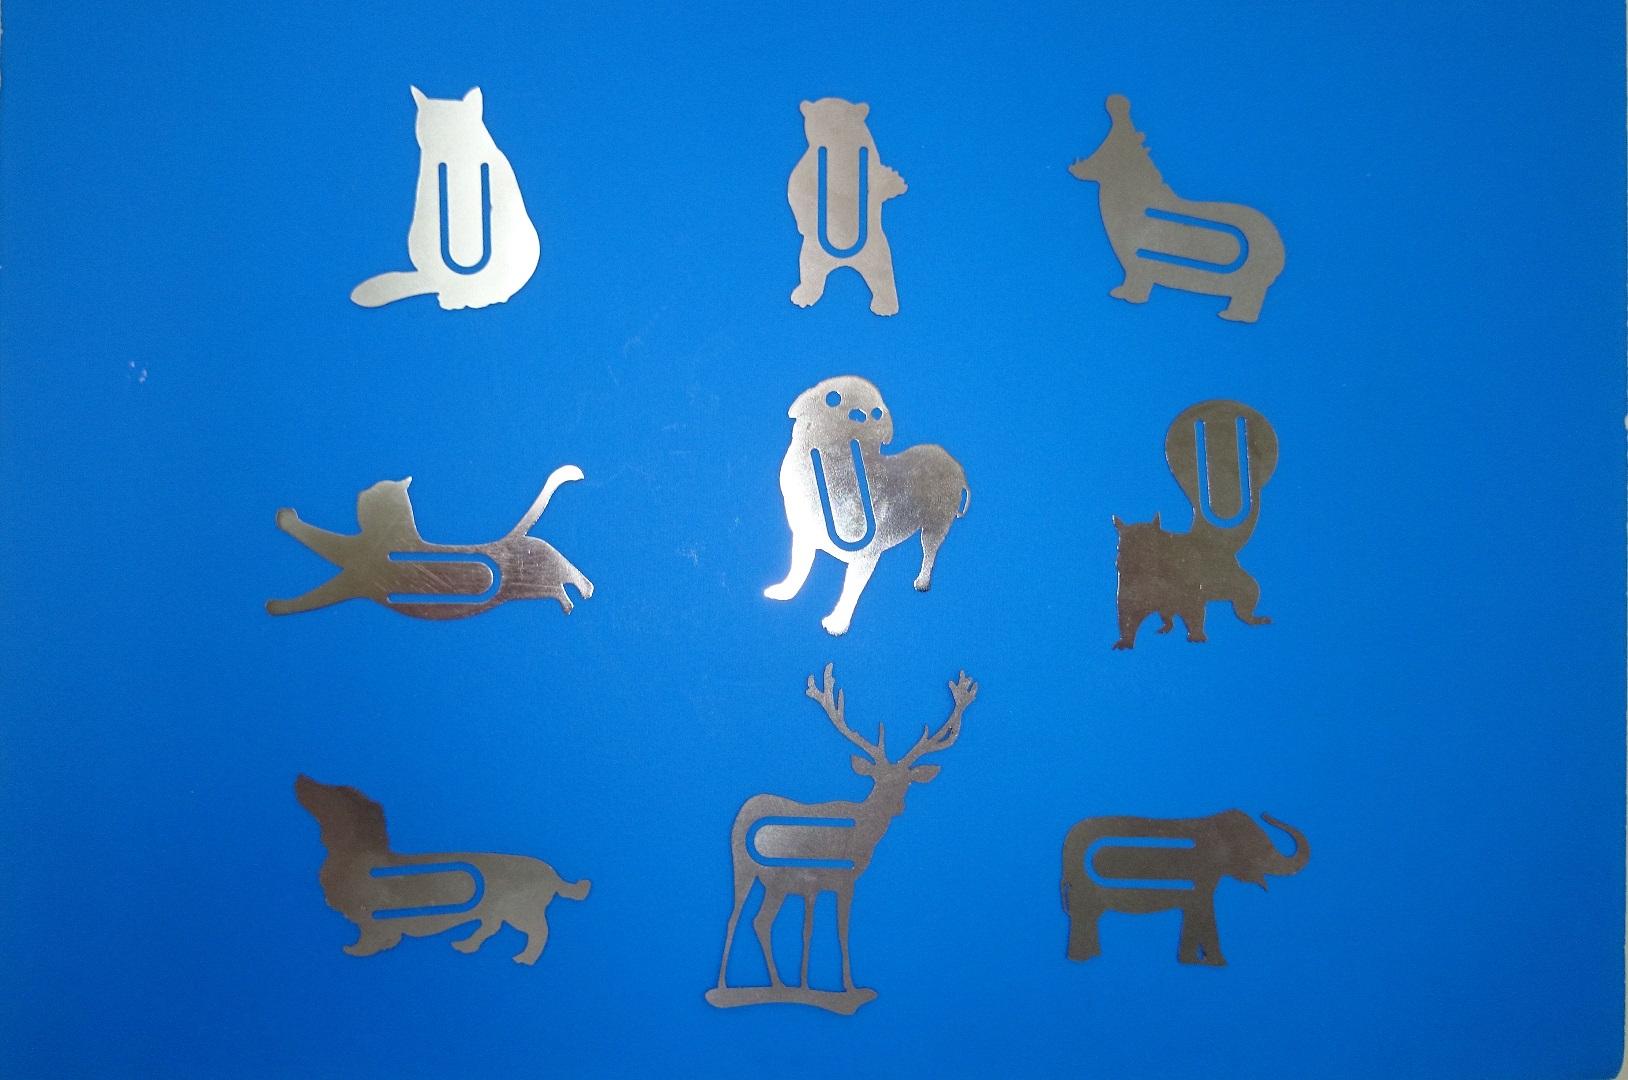 精密板金で作る「動物クリップ」「ブックマーク」